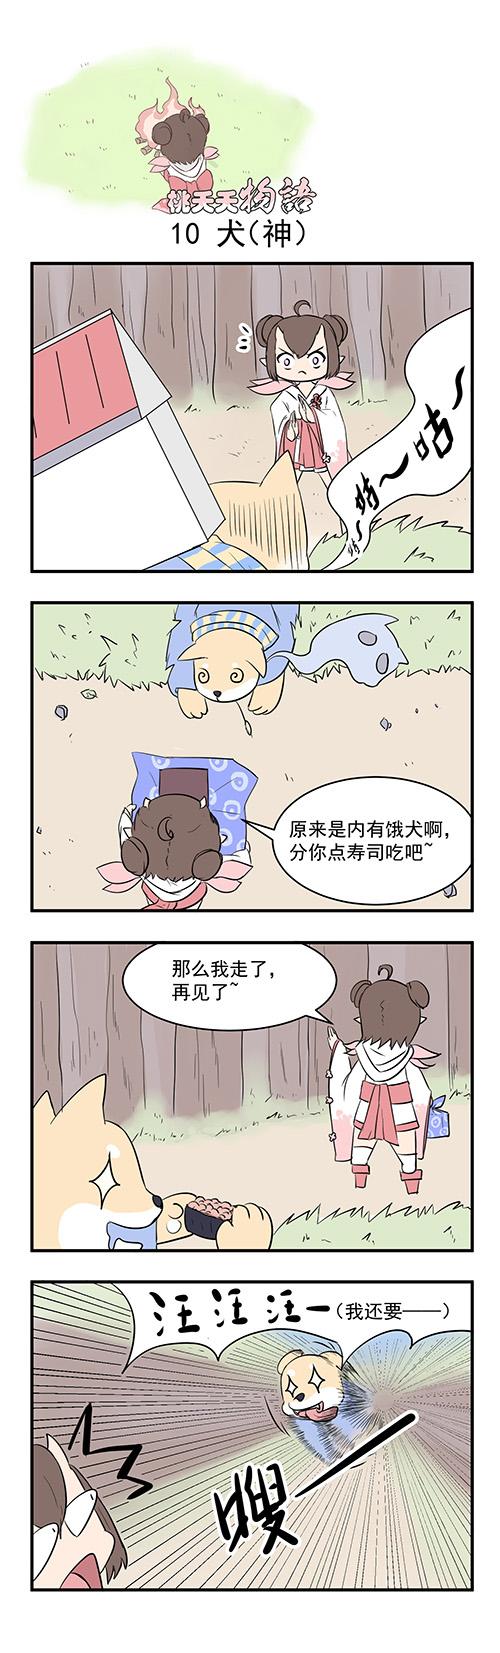 桃夭夭物语10.jpg